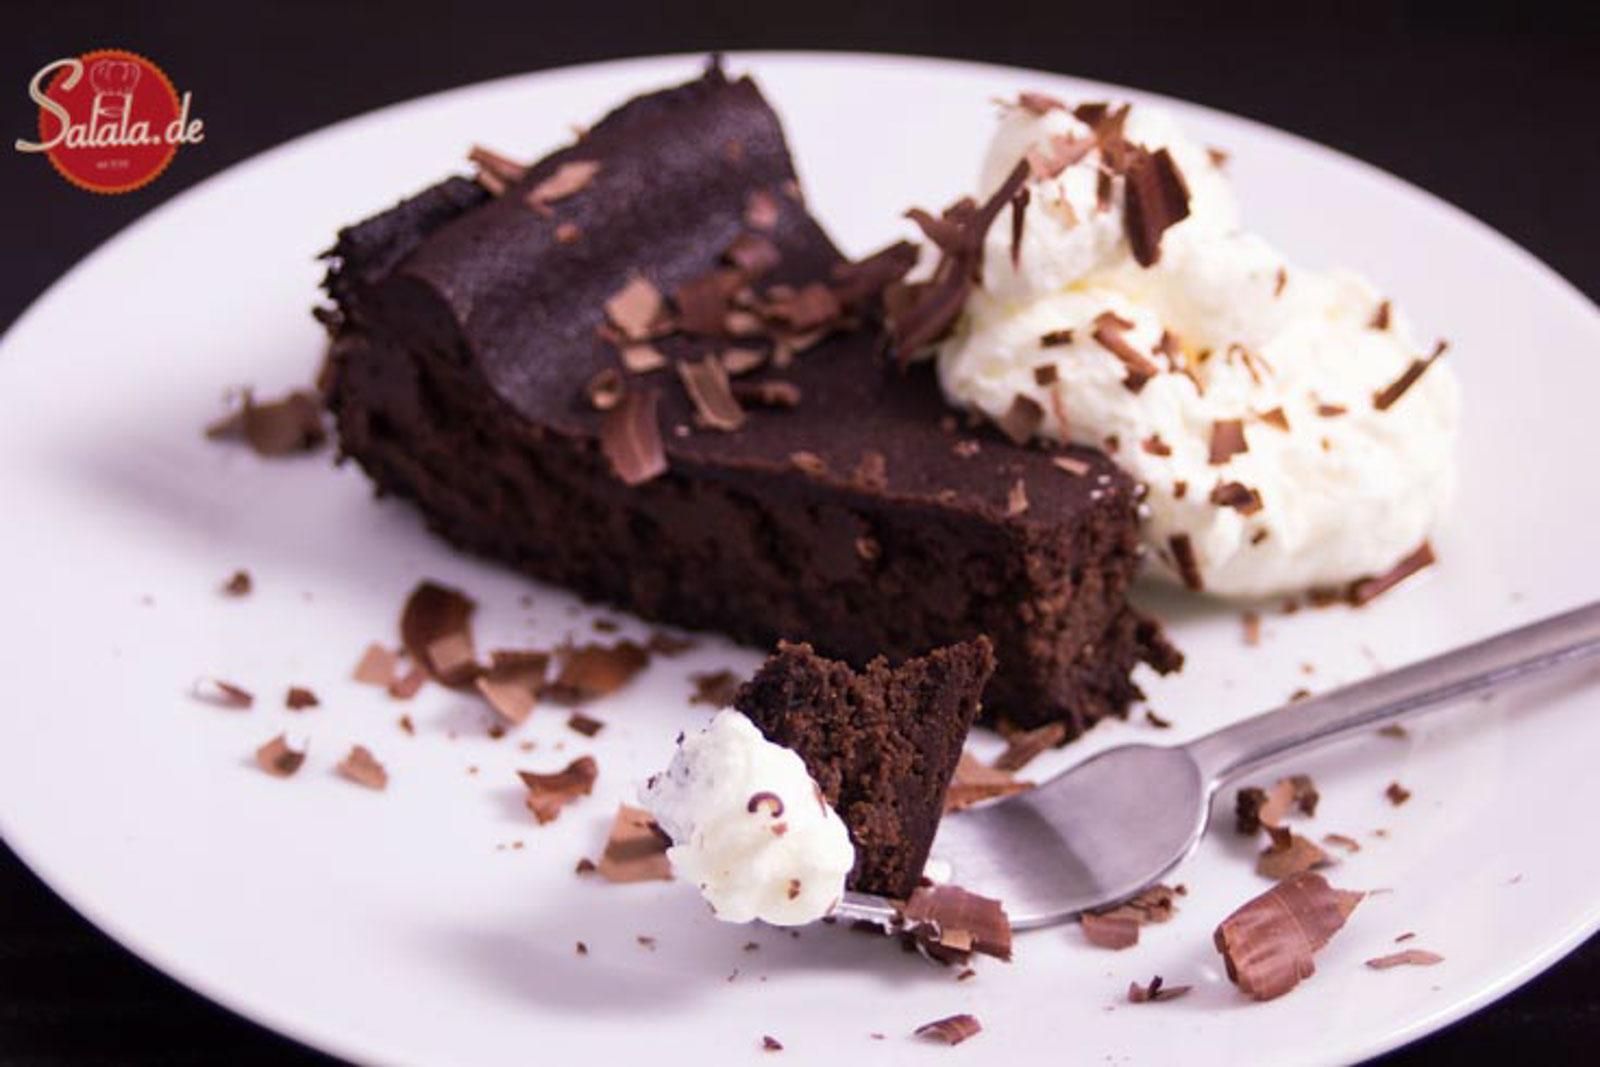 Mississippi Mudpie low carb glutenfrei Mud Cake Schokokuchen Schokoladenkuchen rezept salala.de